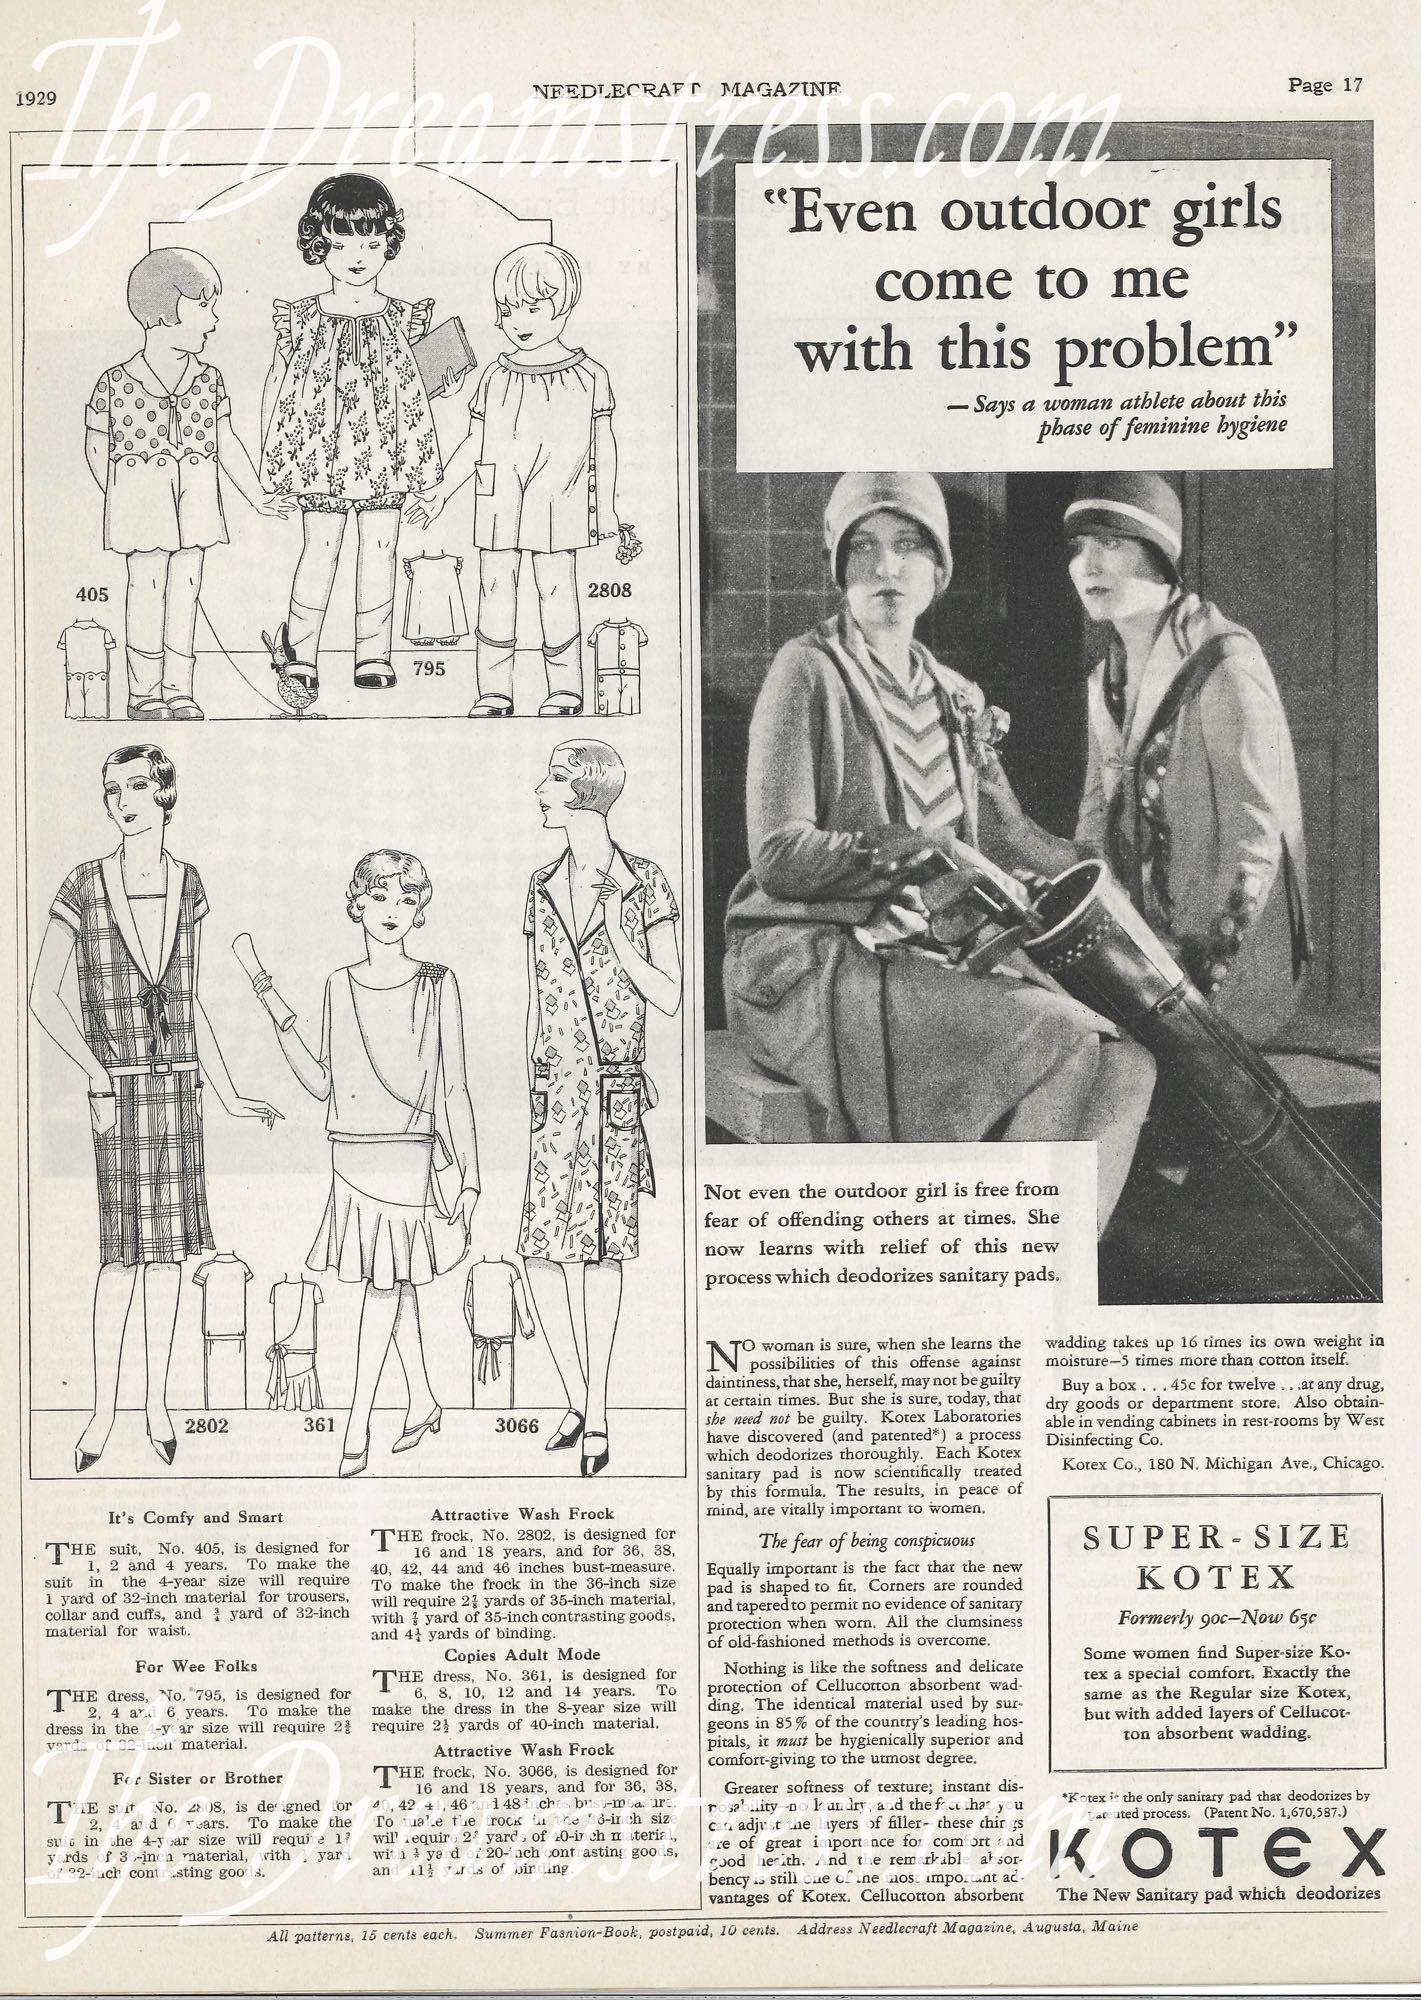 Kotex advertisement, 1929, thedreamstress.com